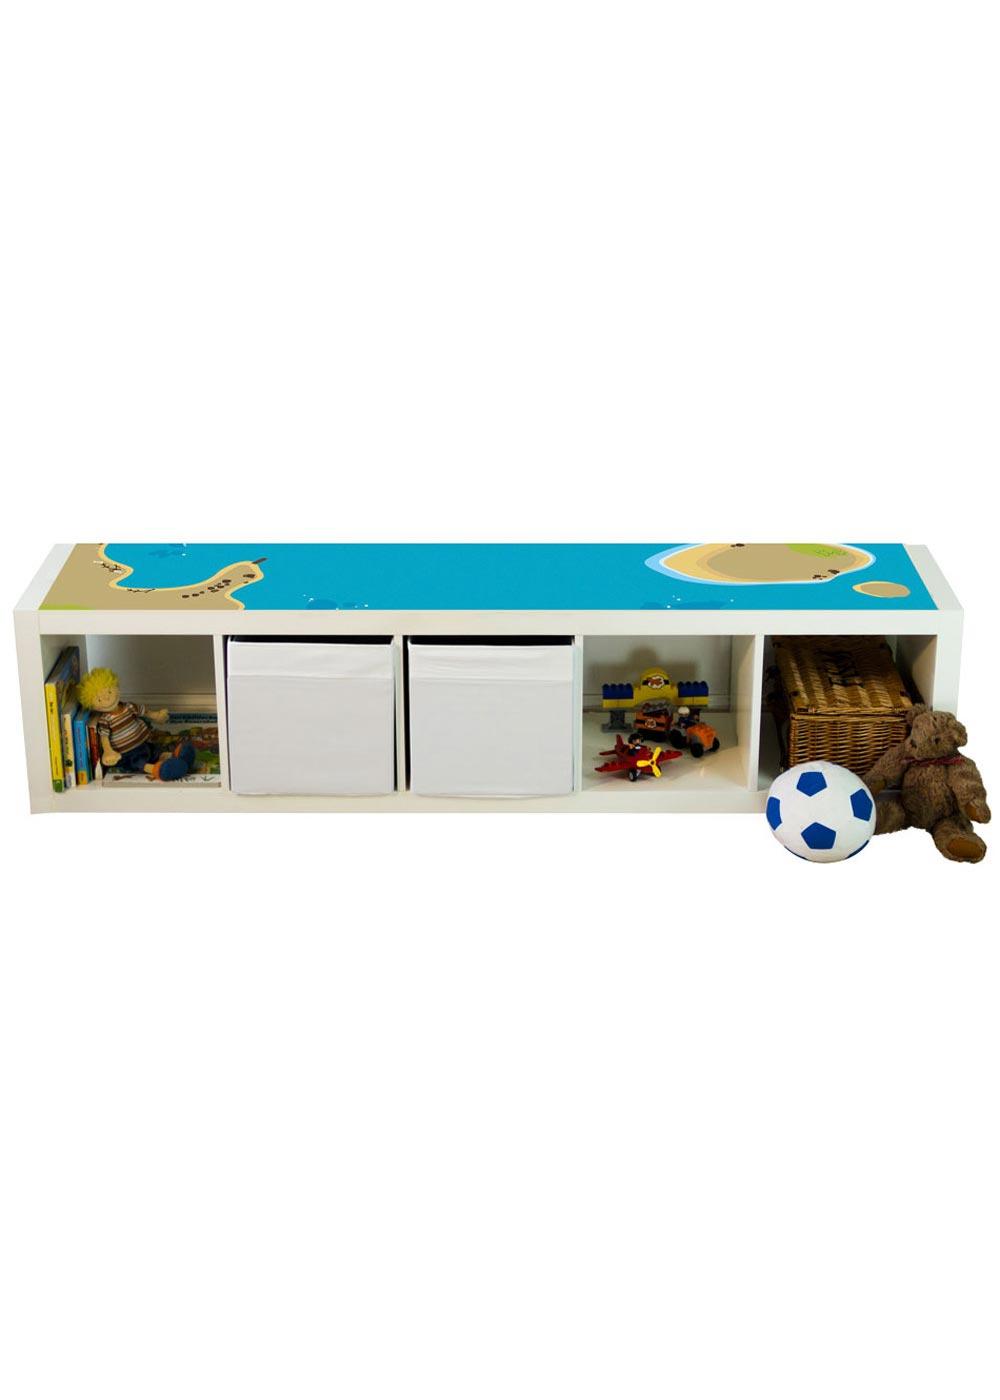 Ikea Kallax Regal Wasserreich 4fach Komplettsicht Spielzeug